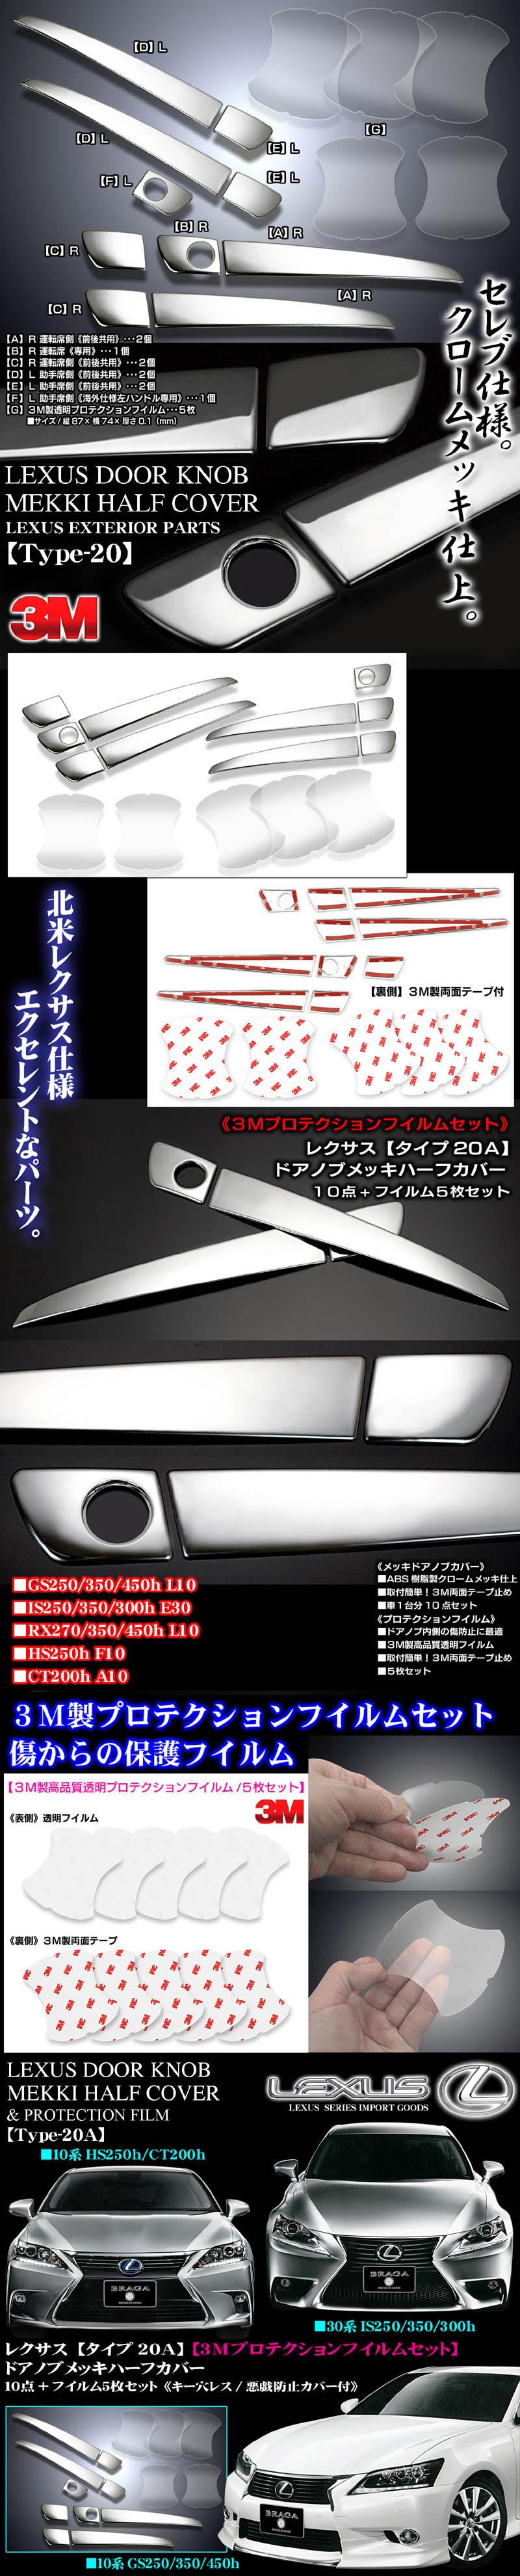 【タイプ20A】レクサス10系GS/HS/CT/RX/30系IS/メッキドアノブ/ハンドルカバー/ハーフタイプ&保護透明プロテクションフイルム[15点セット]ブラガ